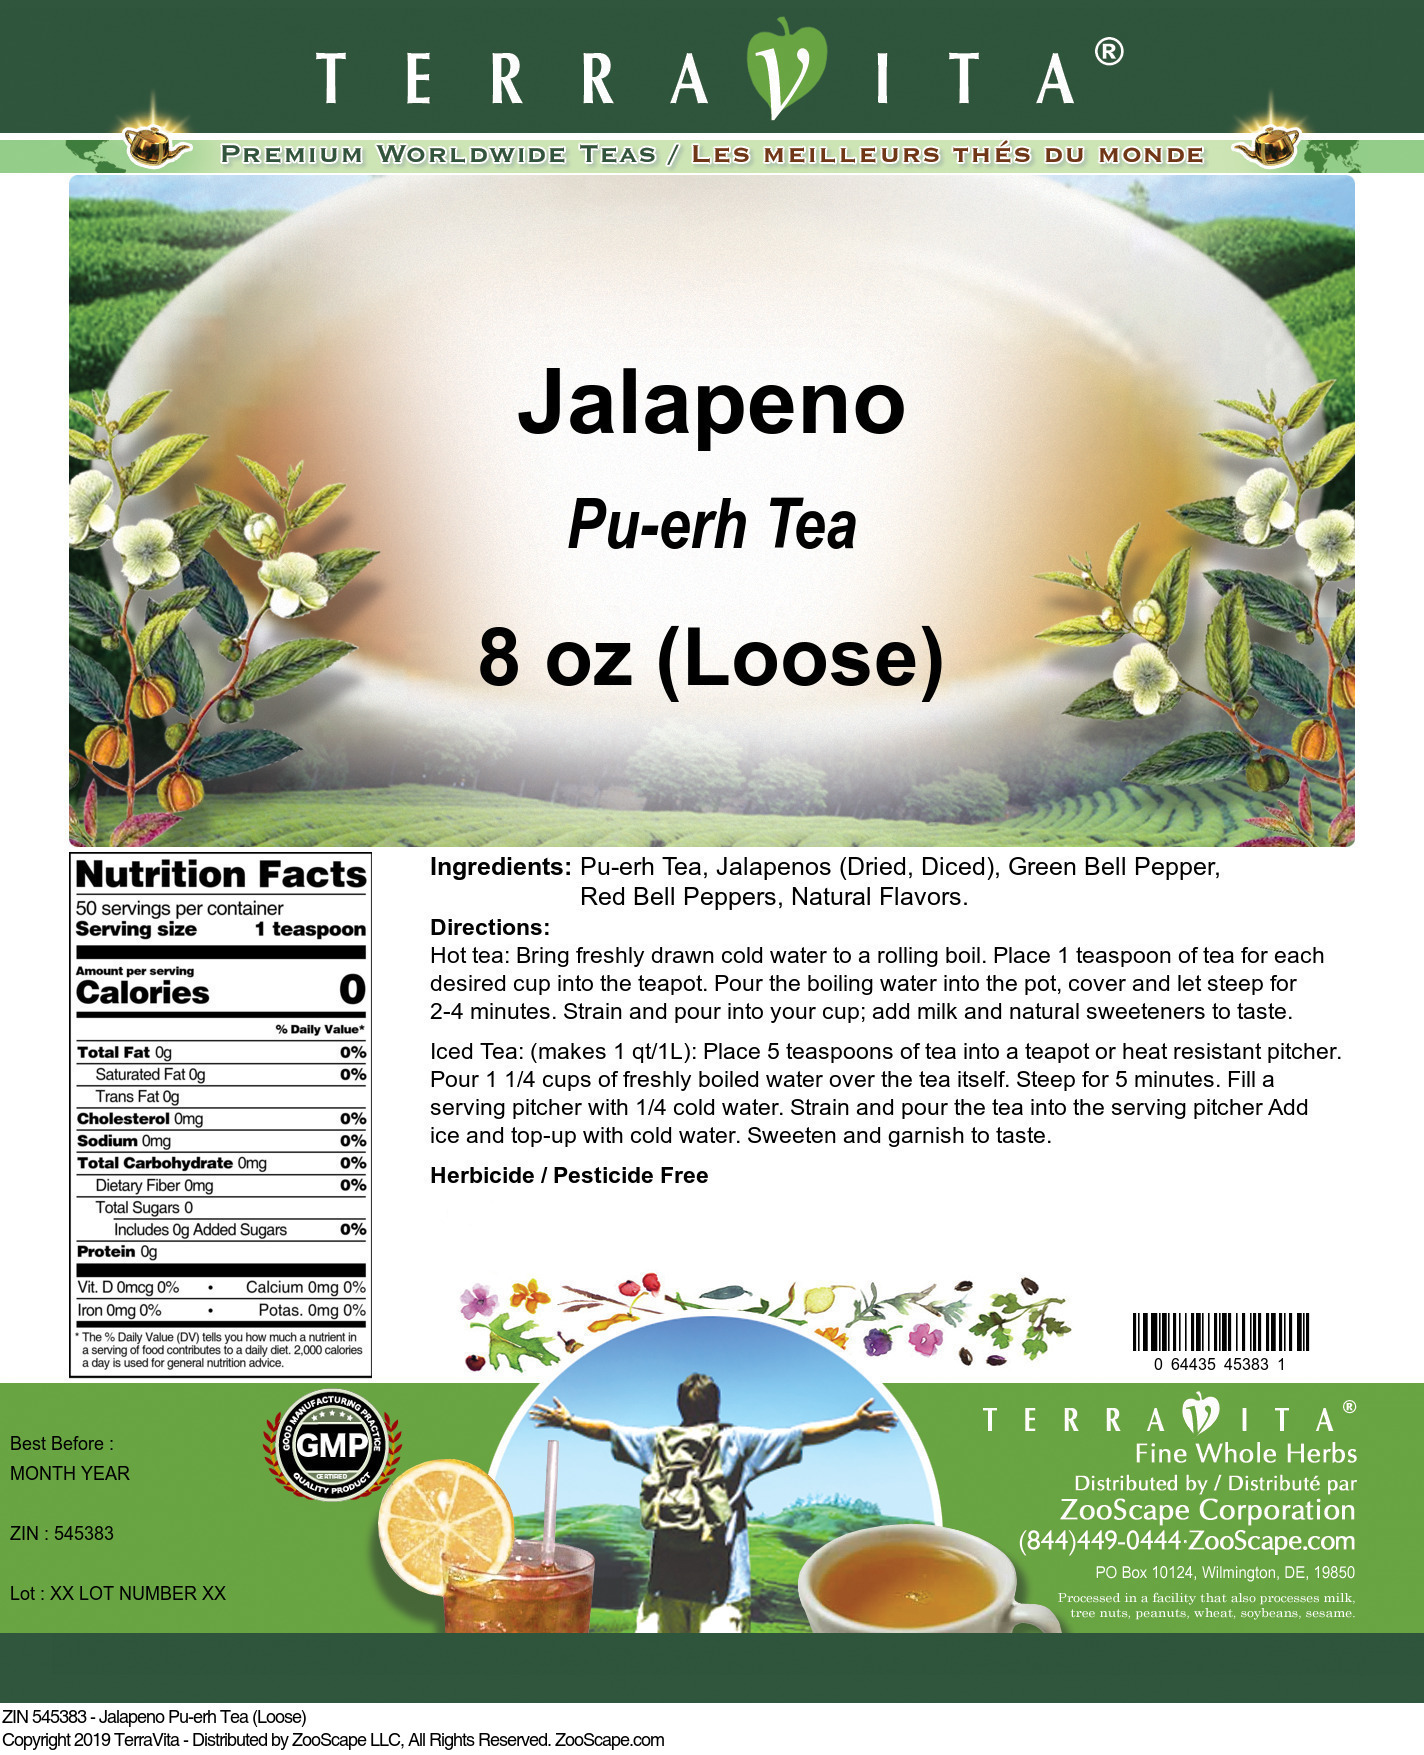 Jalapeno Pu-erh Tea (Loose)